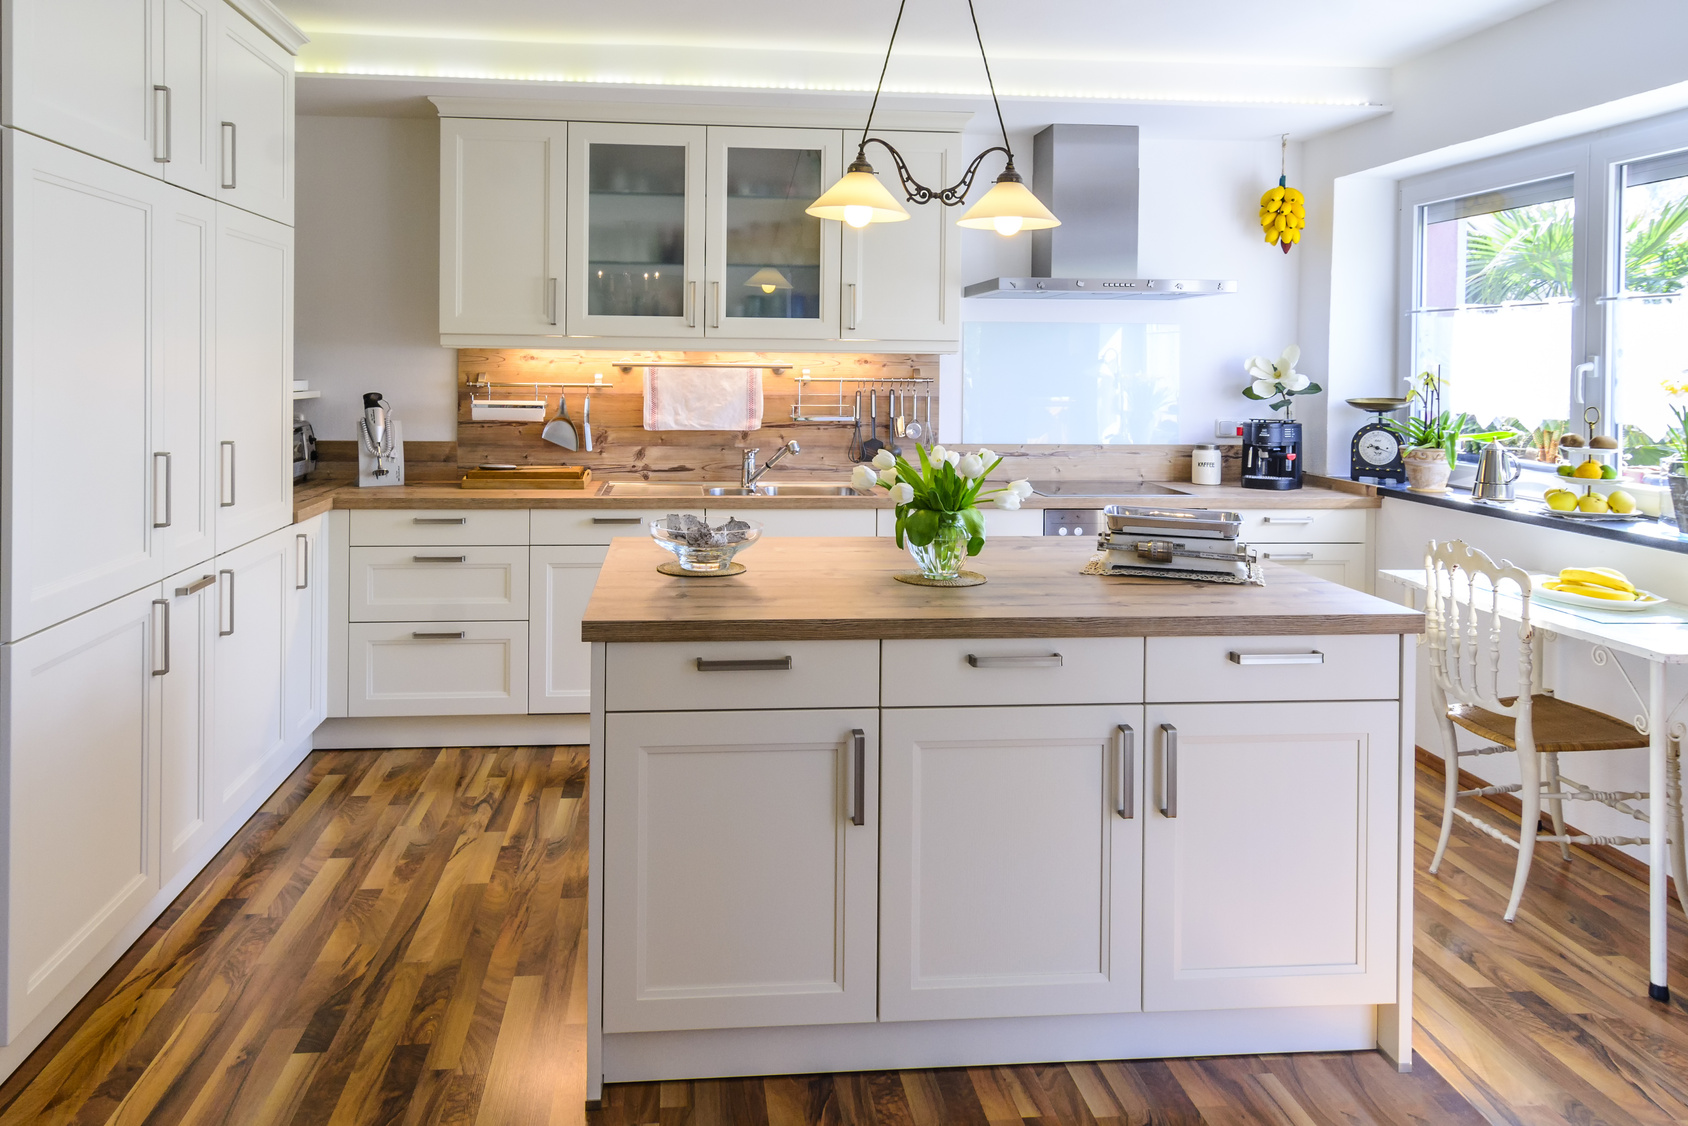 Wunderbar Küsten Landhausküche Design Ideen   Küchenschrank Ideen .